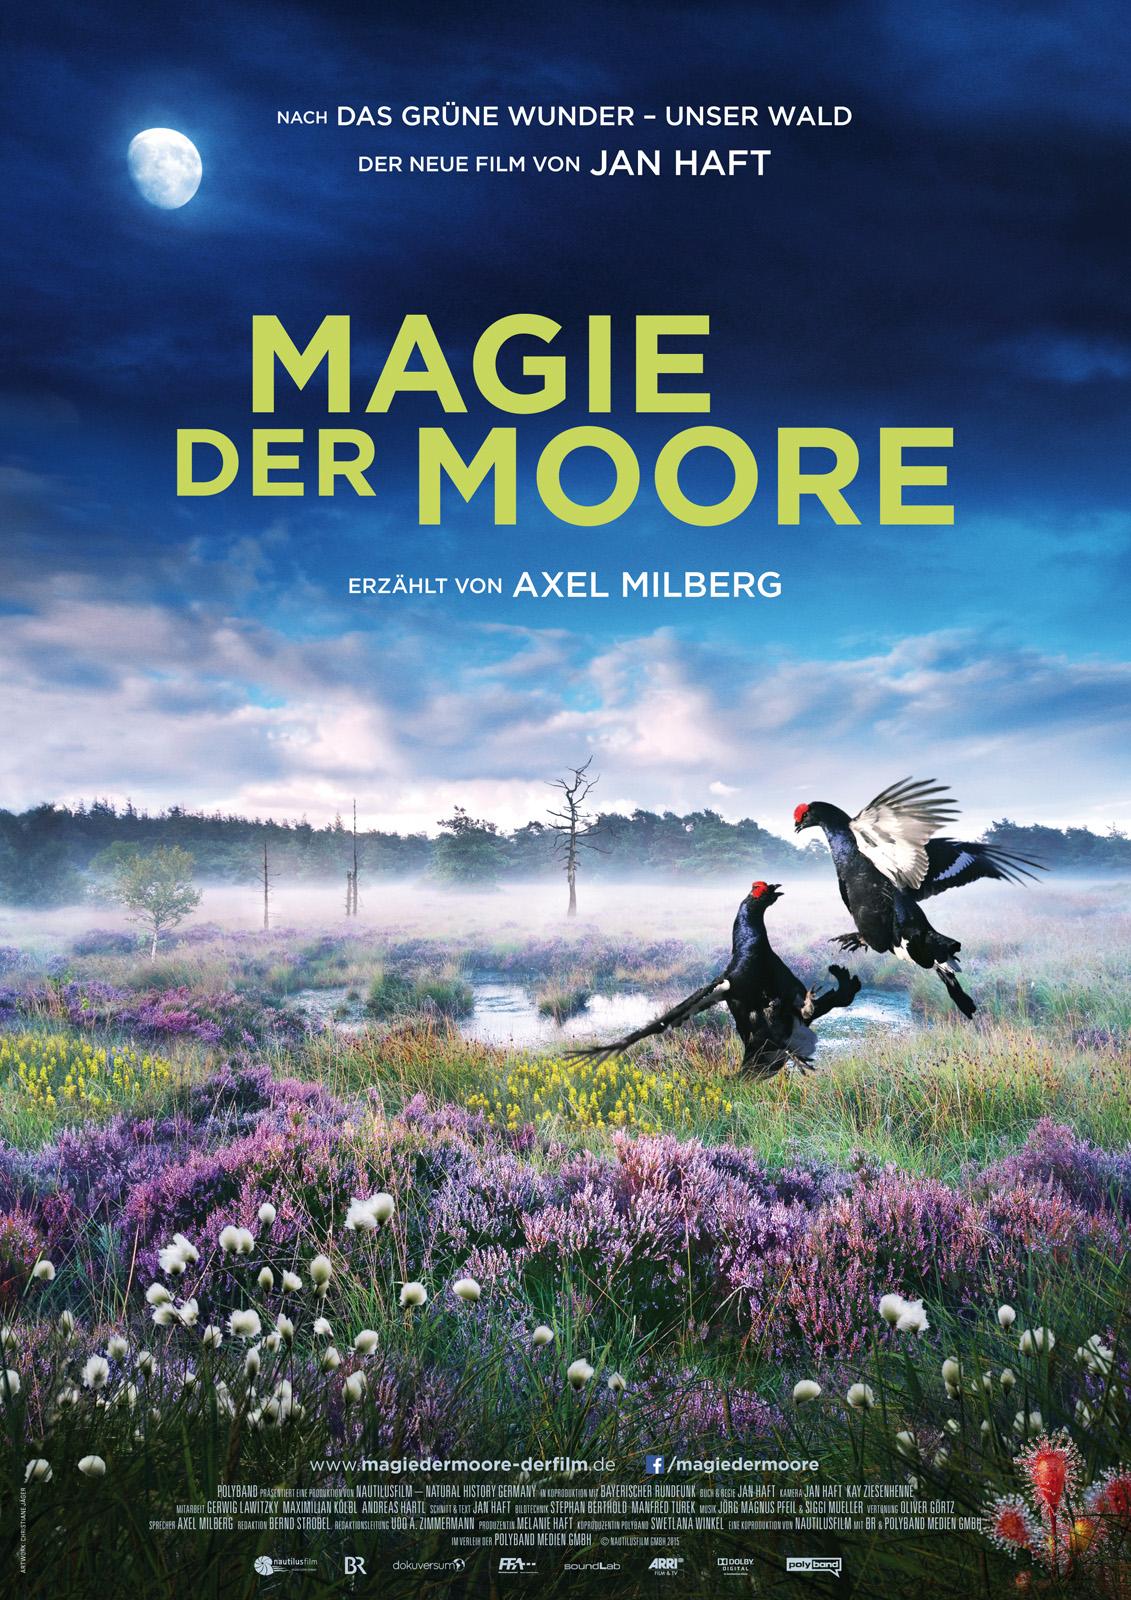 Magie der Moore | Film-Rezensionen.de